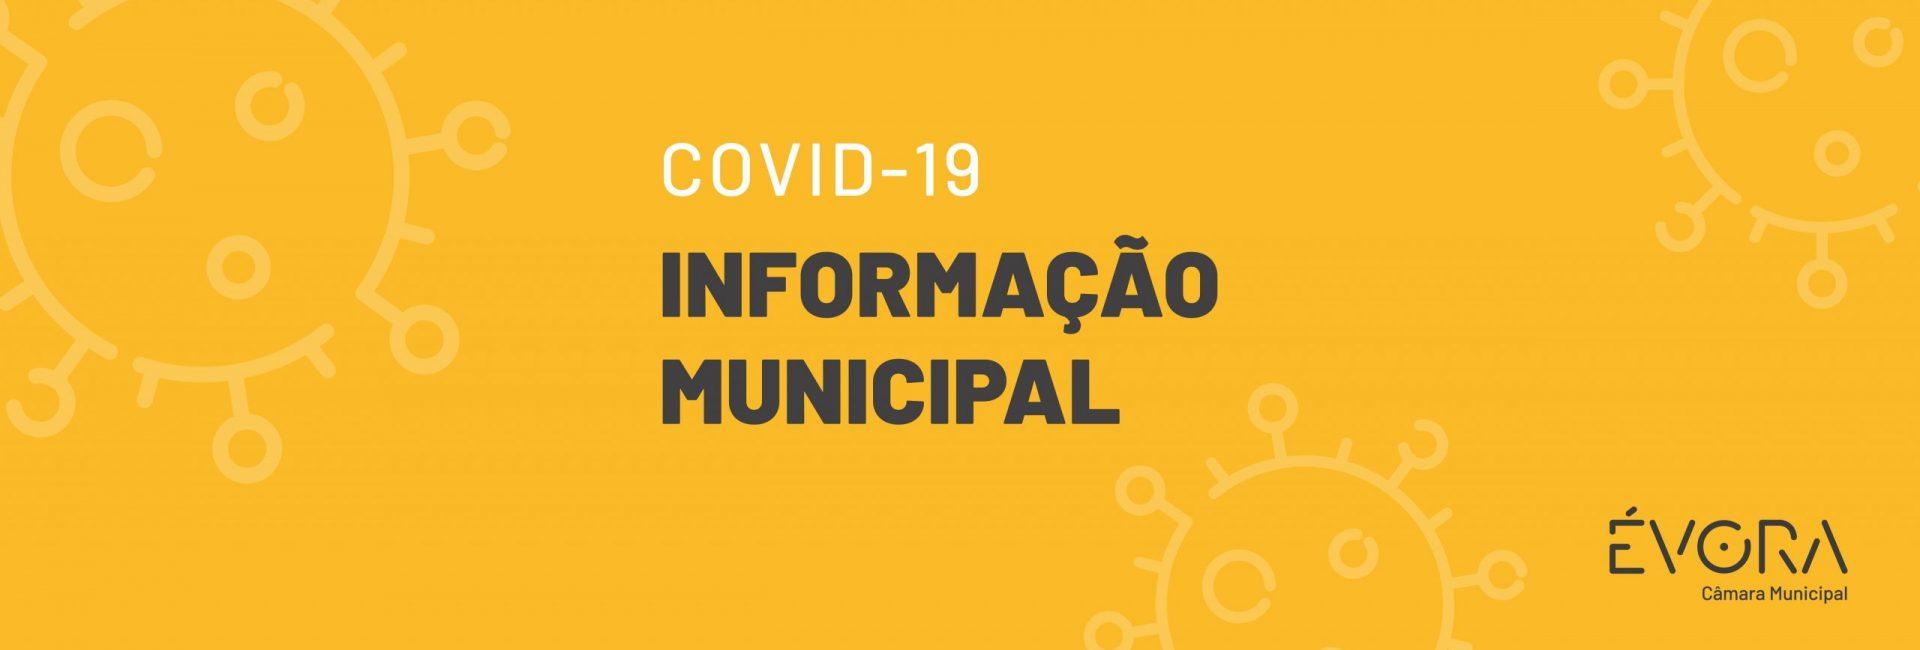 Covid-19 - Informação Municipal